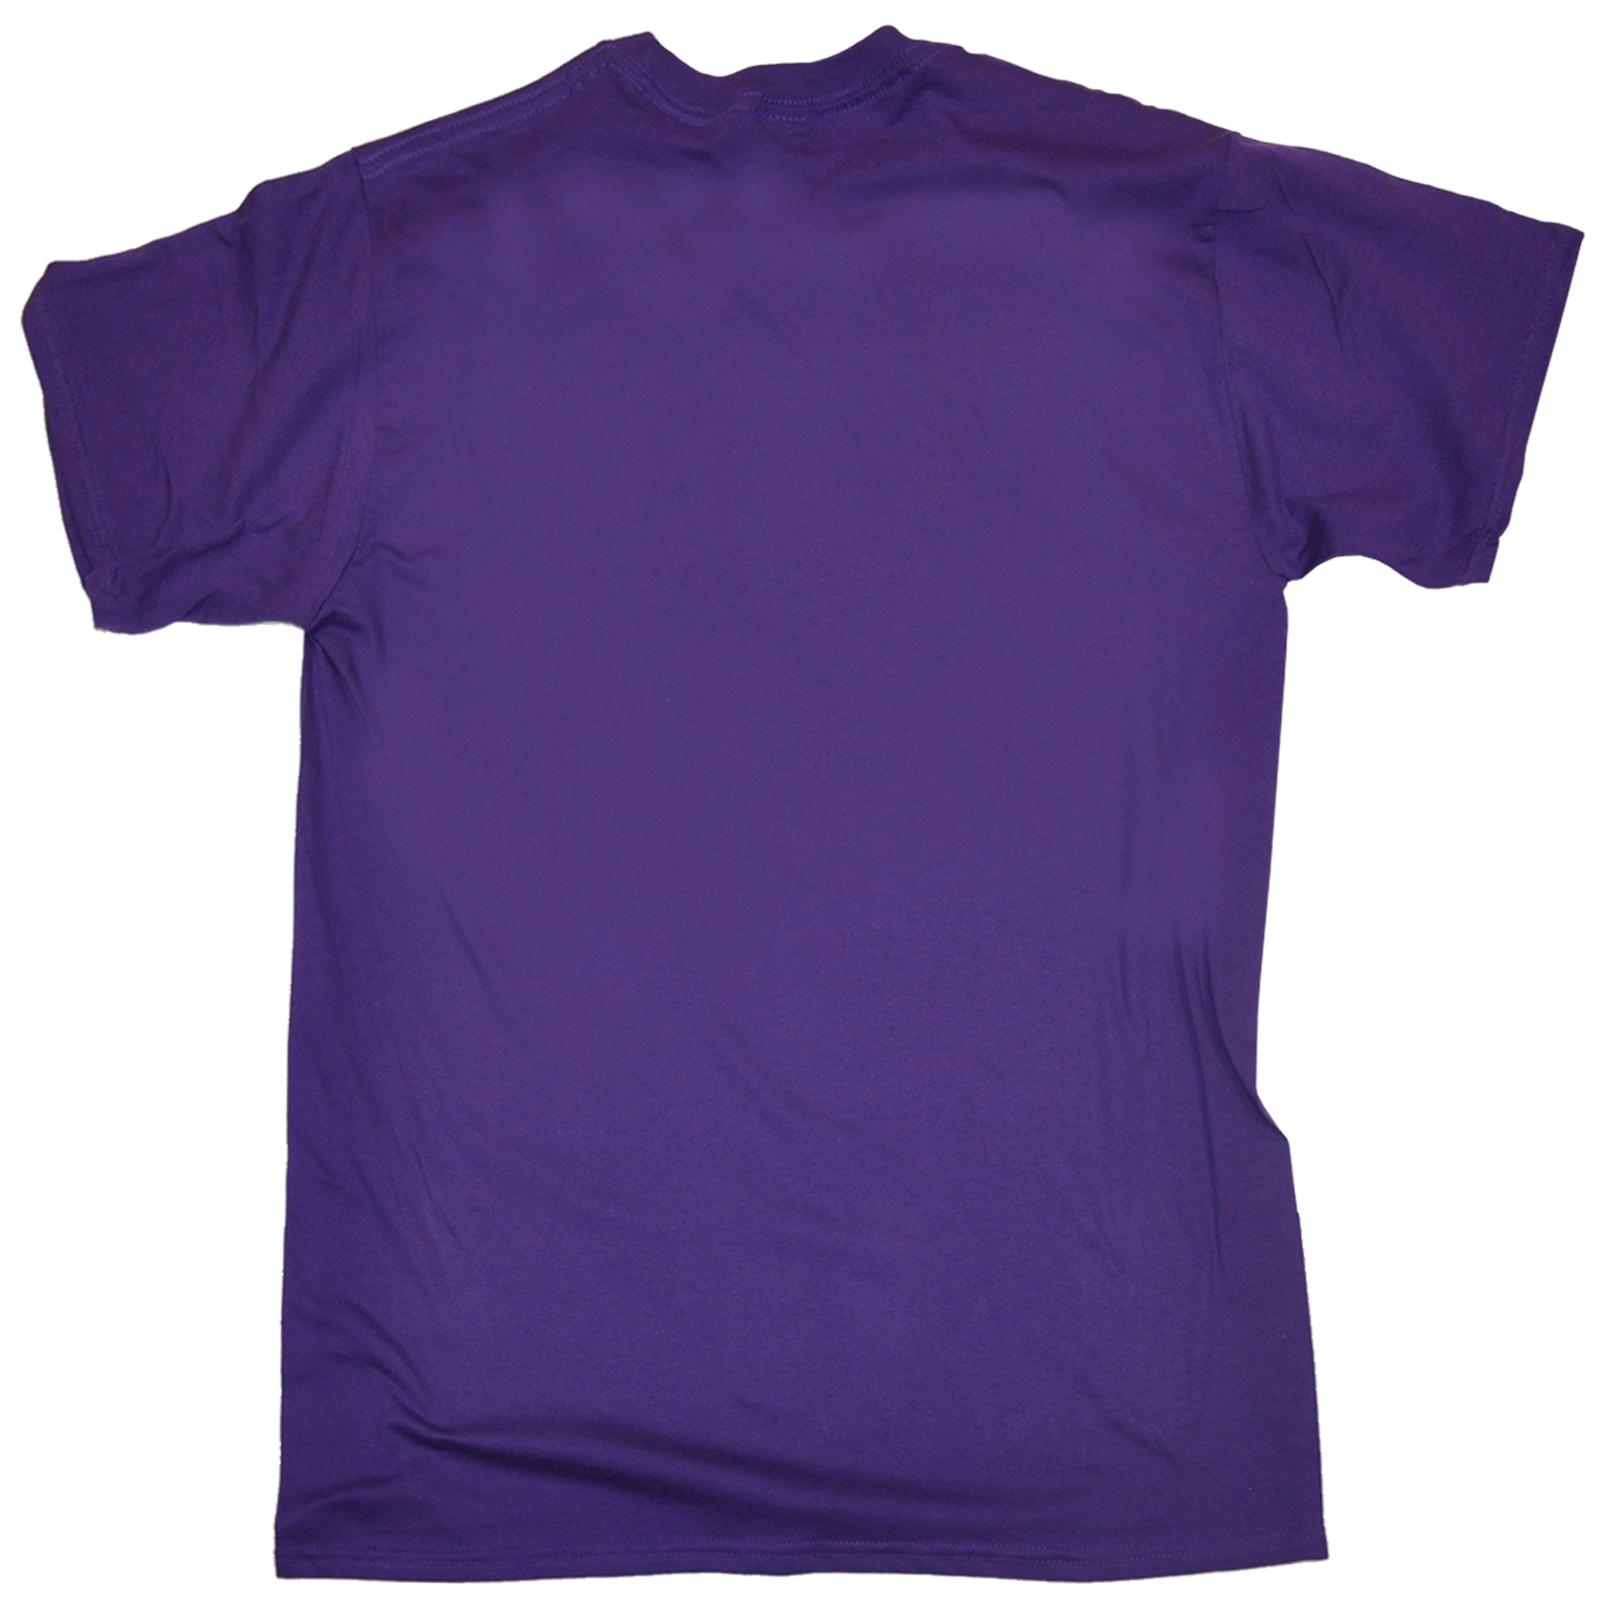 Funny-Novelty-T-Shirt-Mens-tee-TShirt-I-Dont-Give-A thumbnail 13